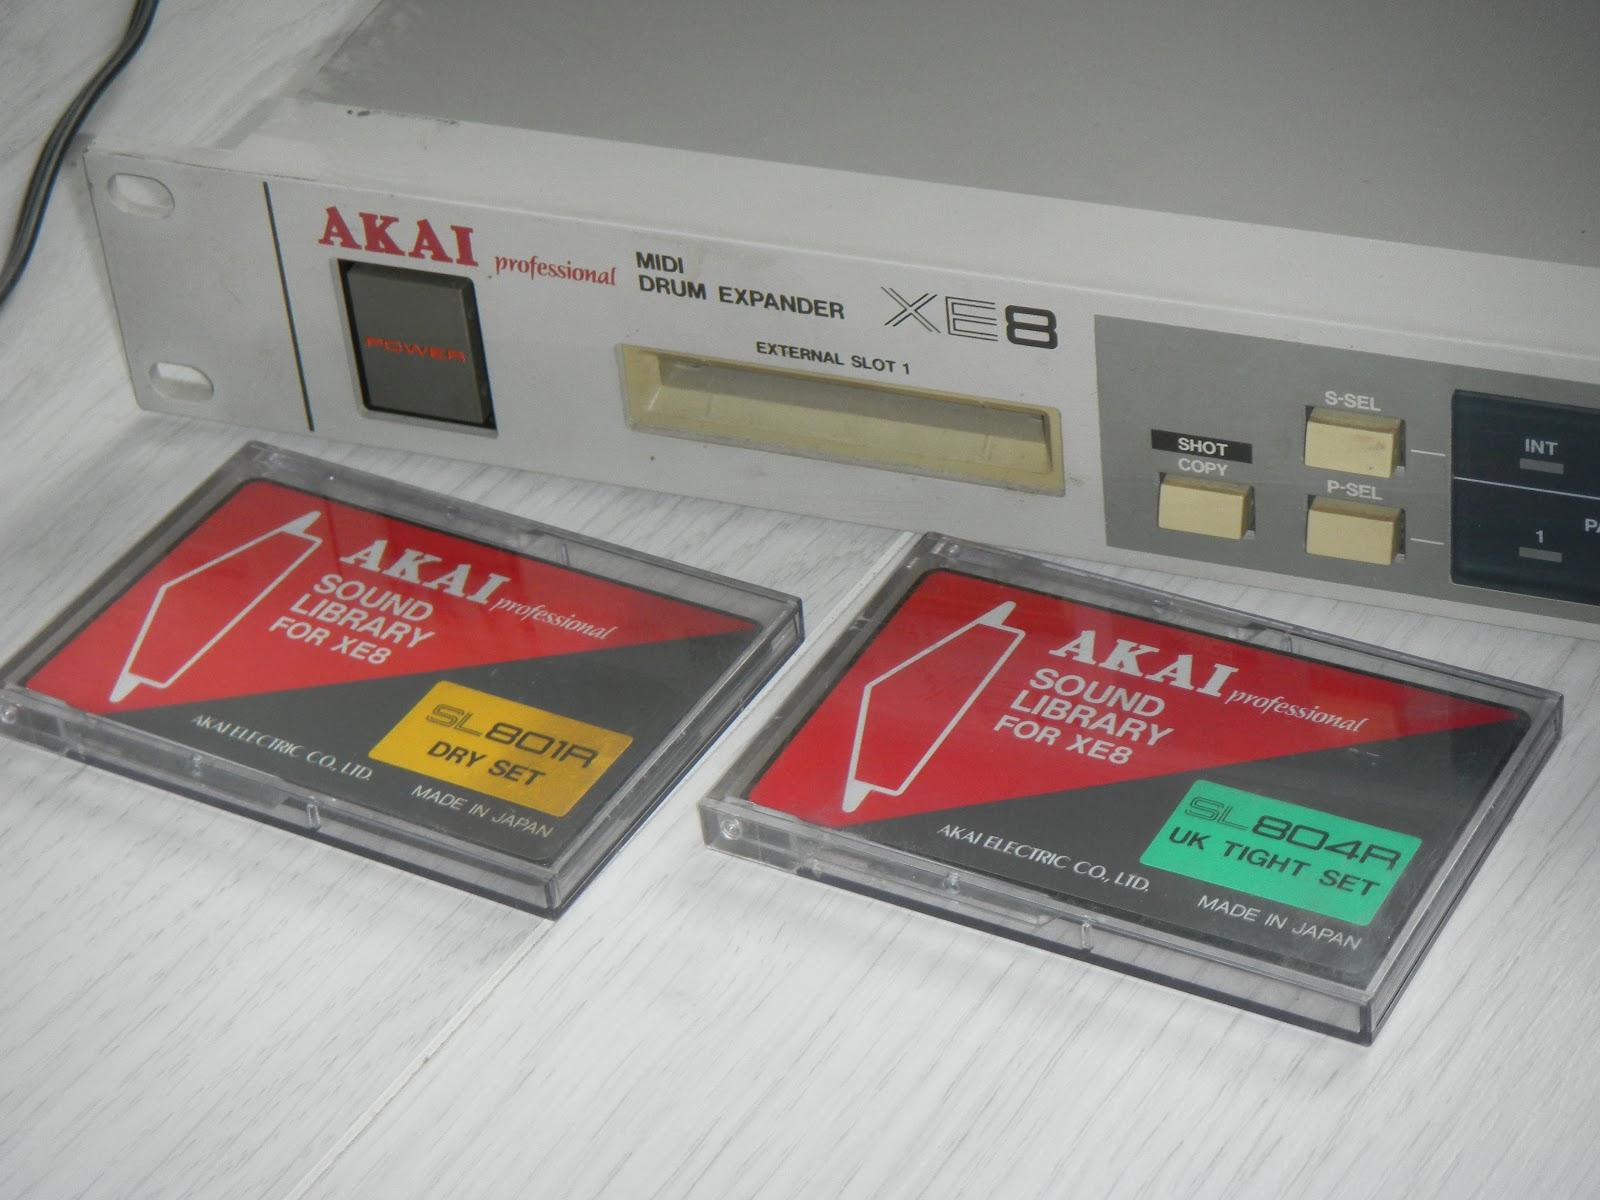 Akai XE8